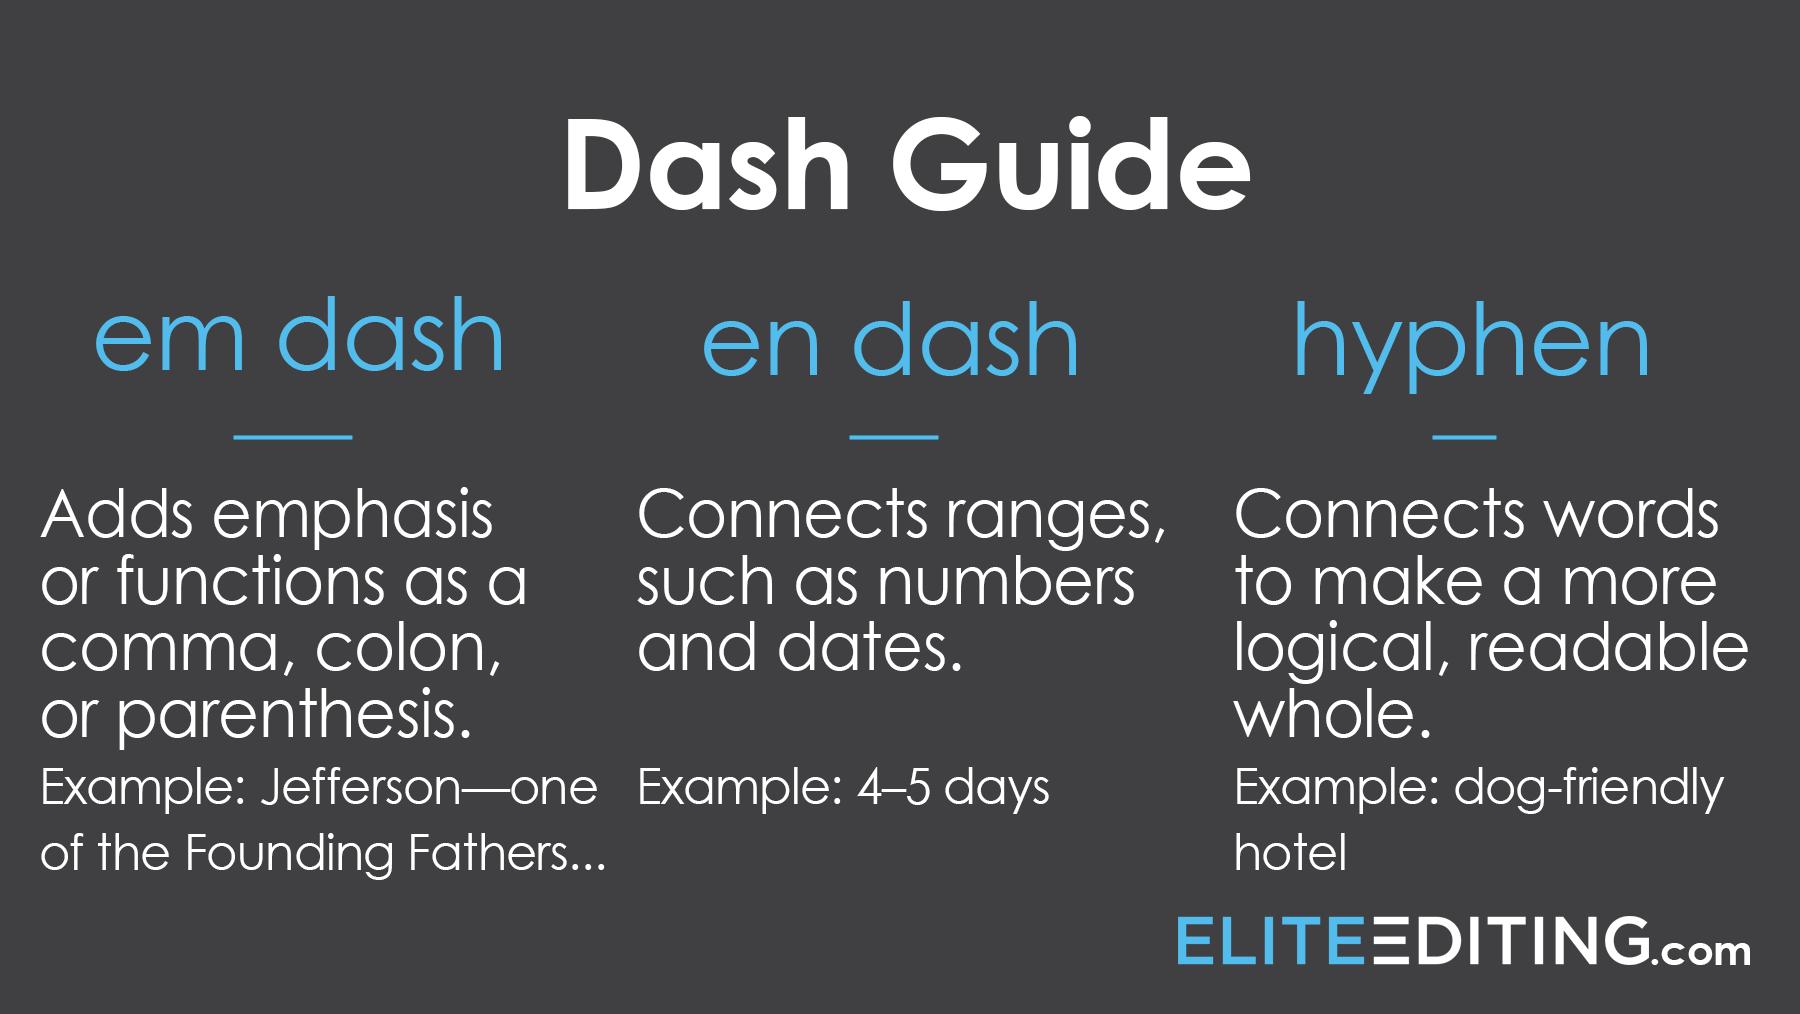 Using Dashes Em Dash Vs En Dash